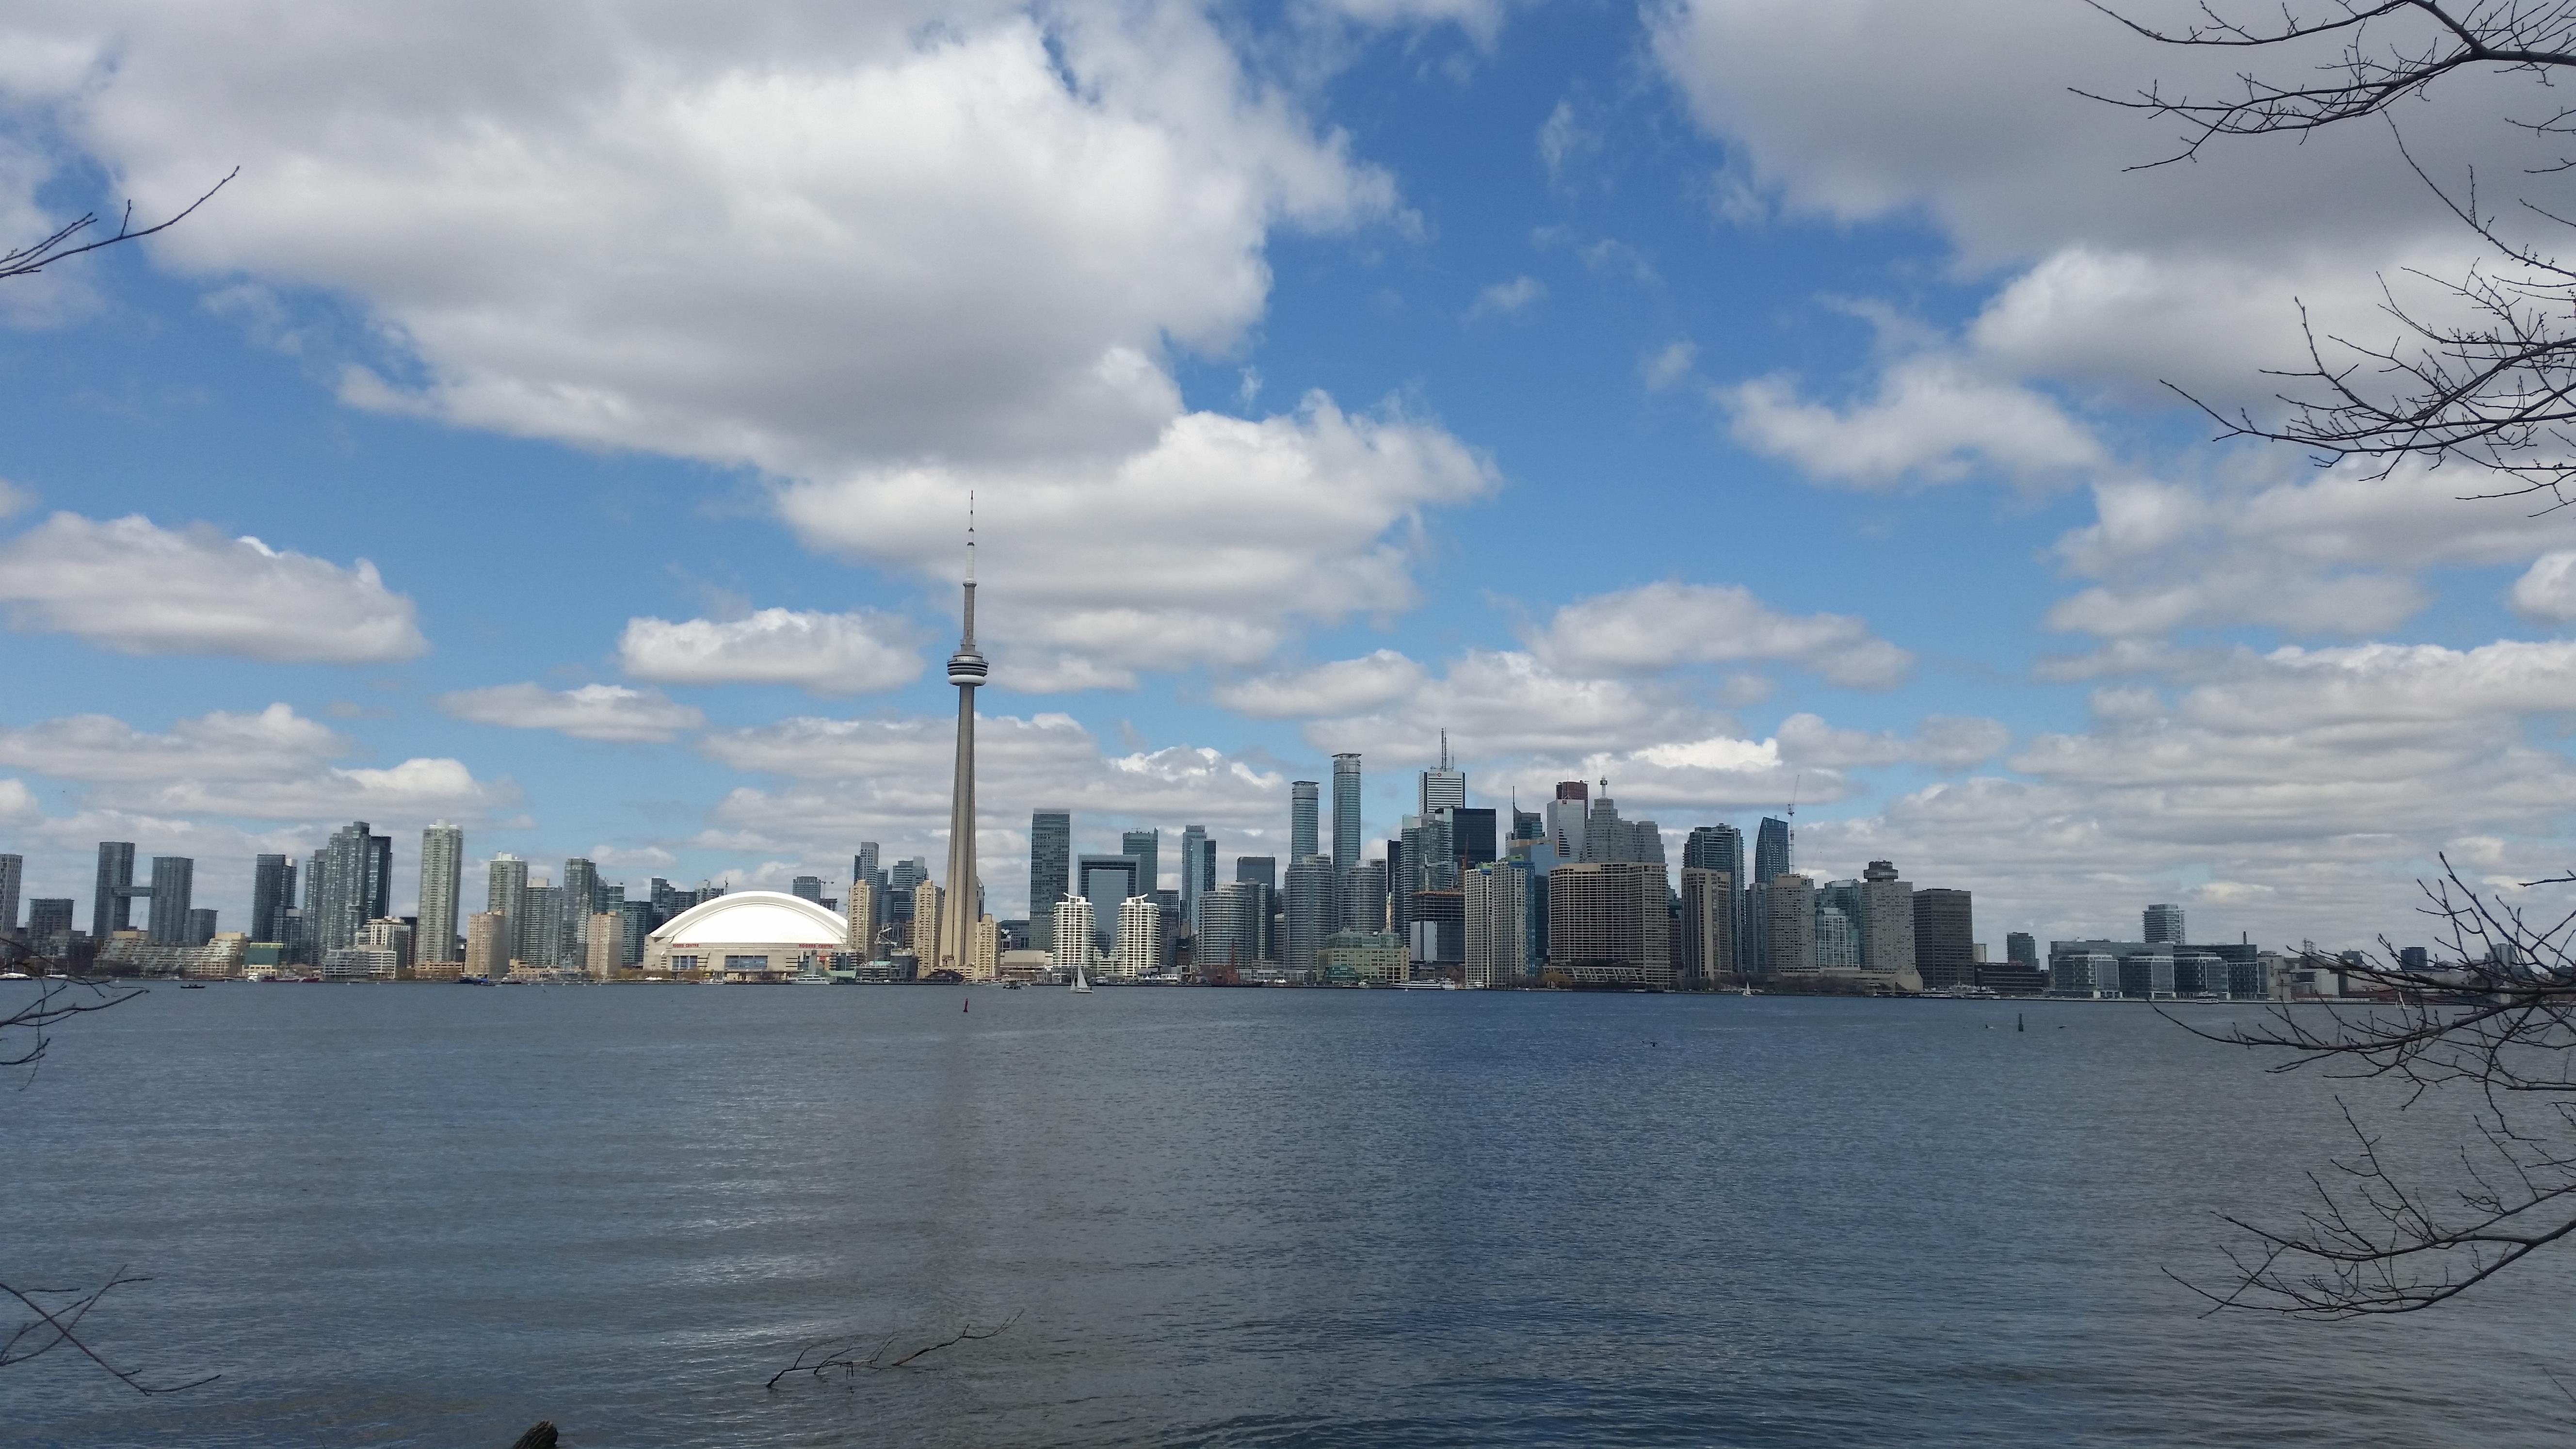 """משלחת סטודנטים יצאה לסיור לימודי בטורונטו ללמוד על שוק הנדל""""ן הקנדי"""